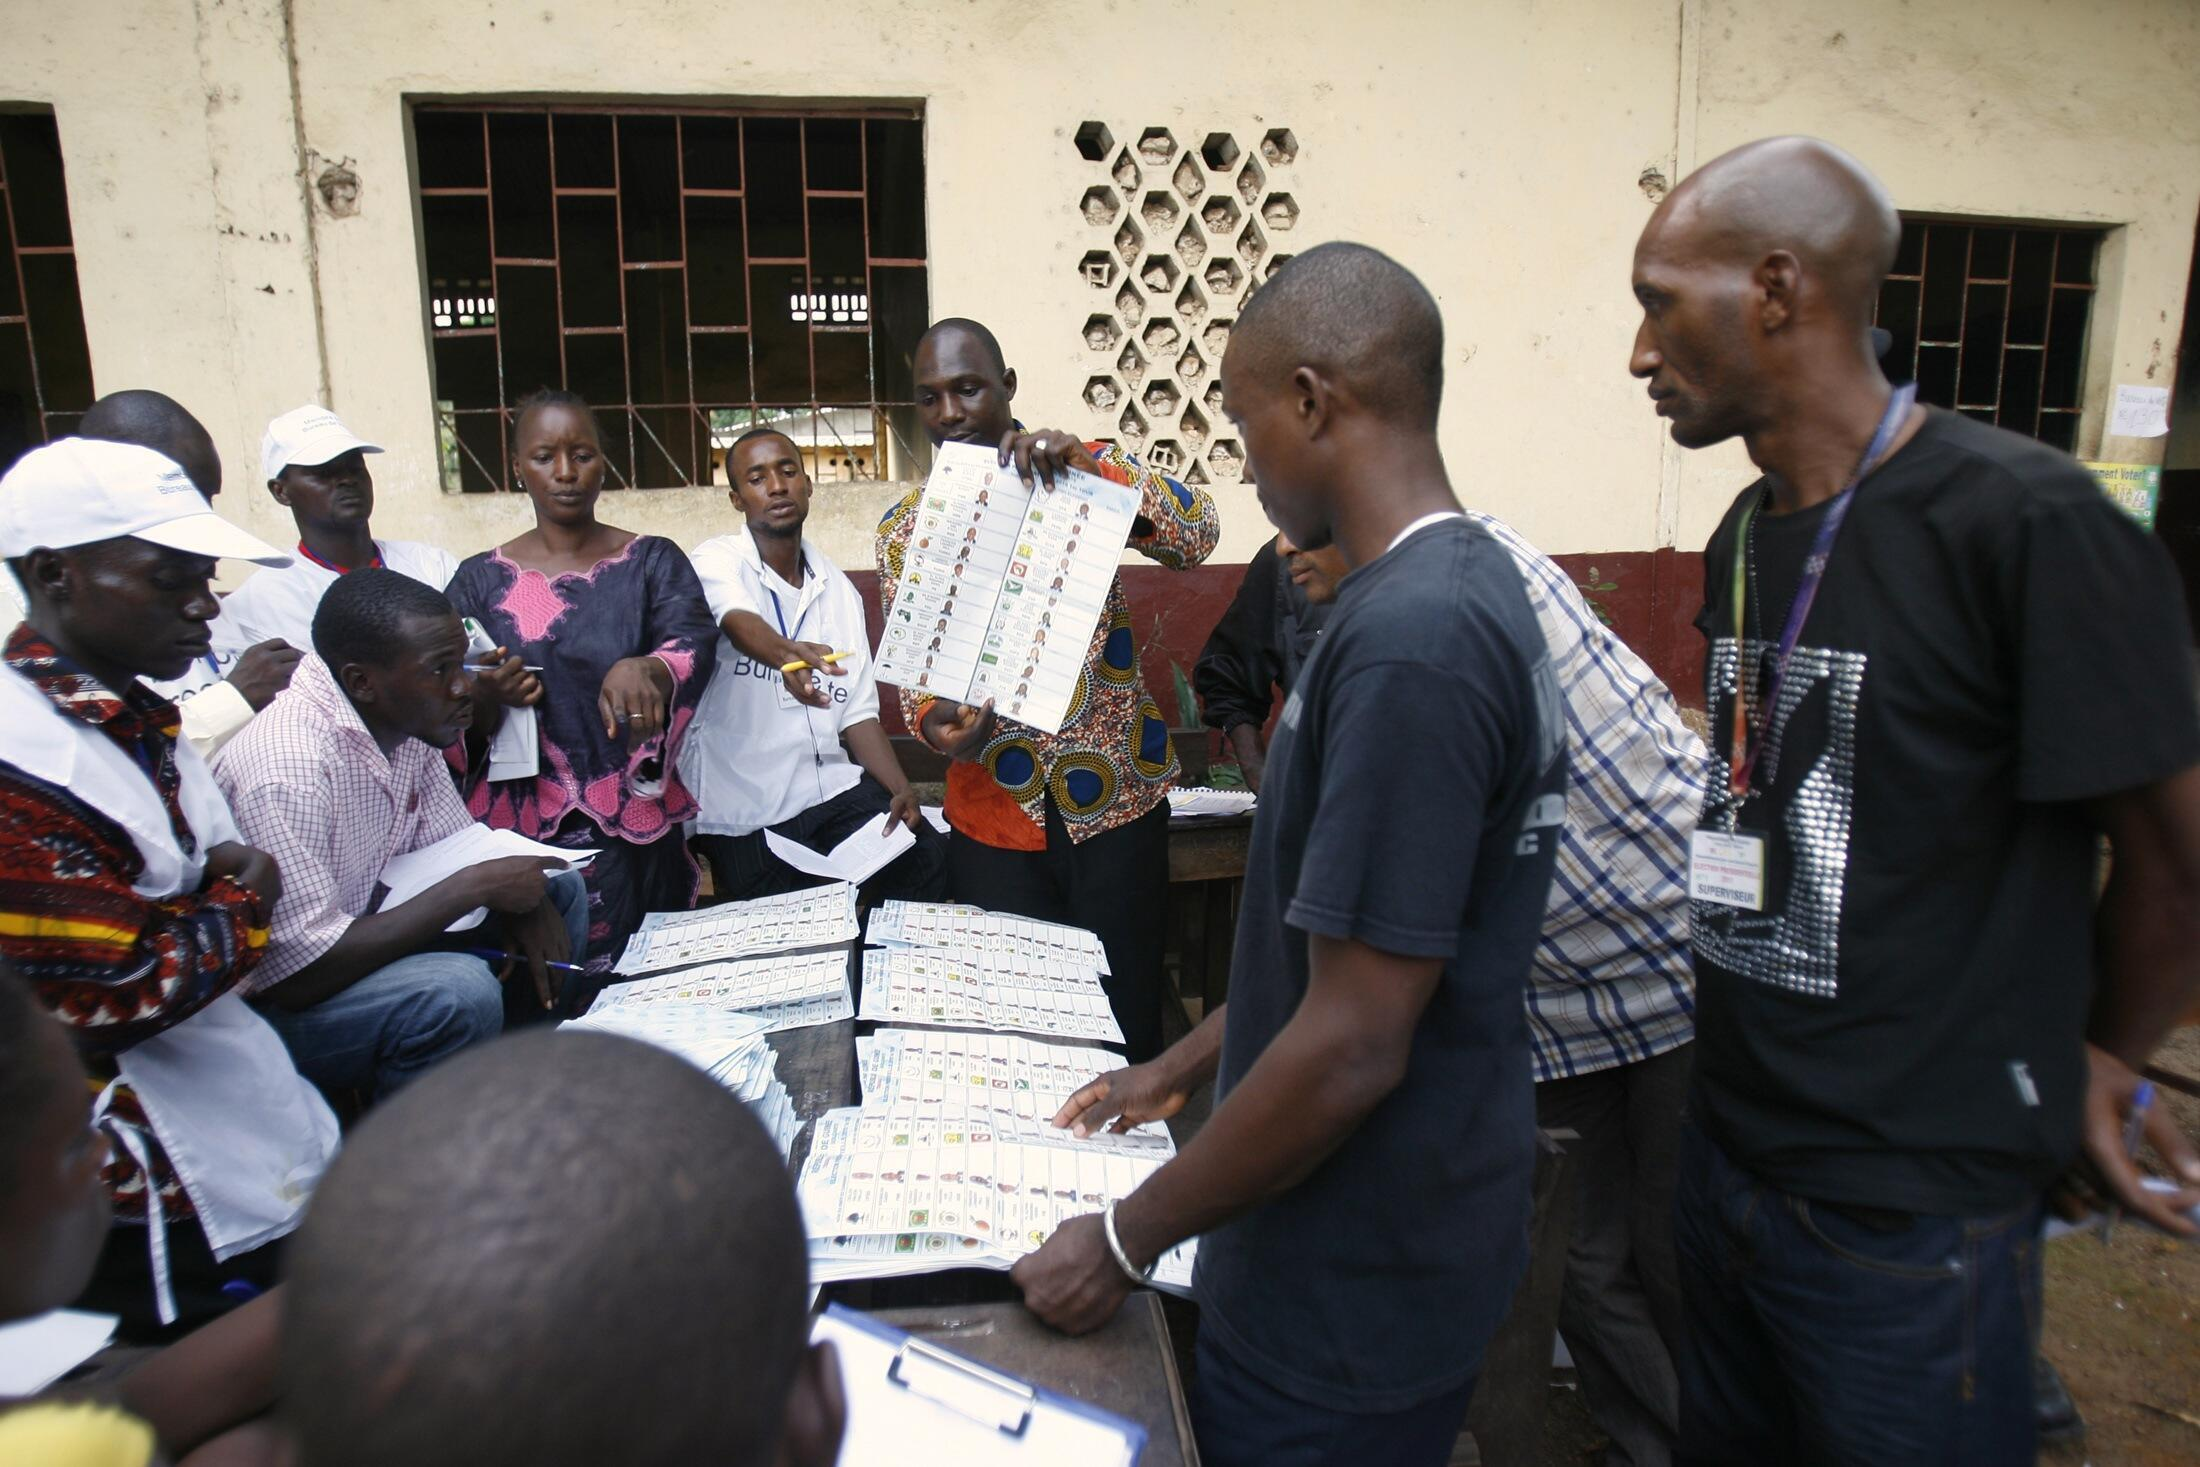 Vote counting in Guinea's June 2010 vote